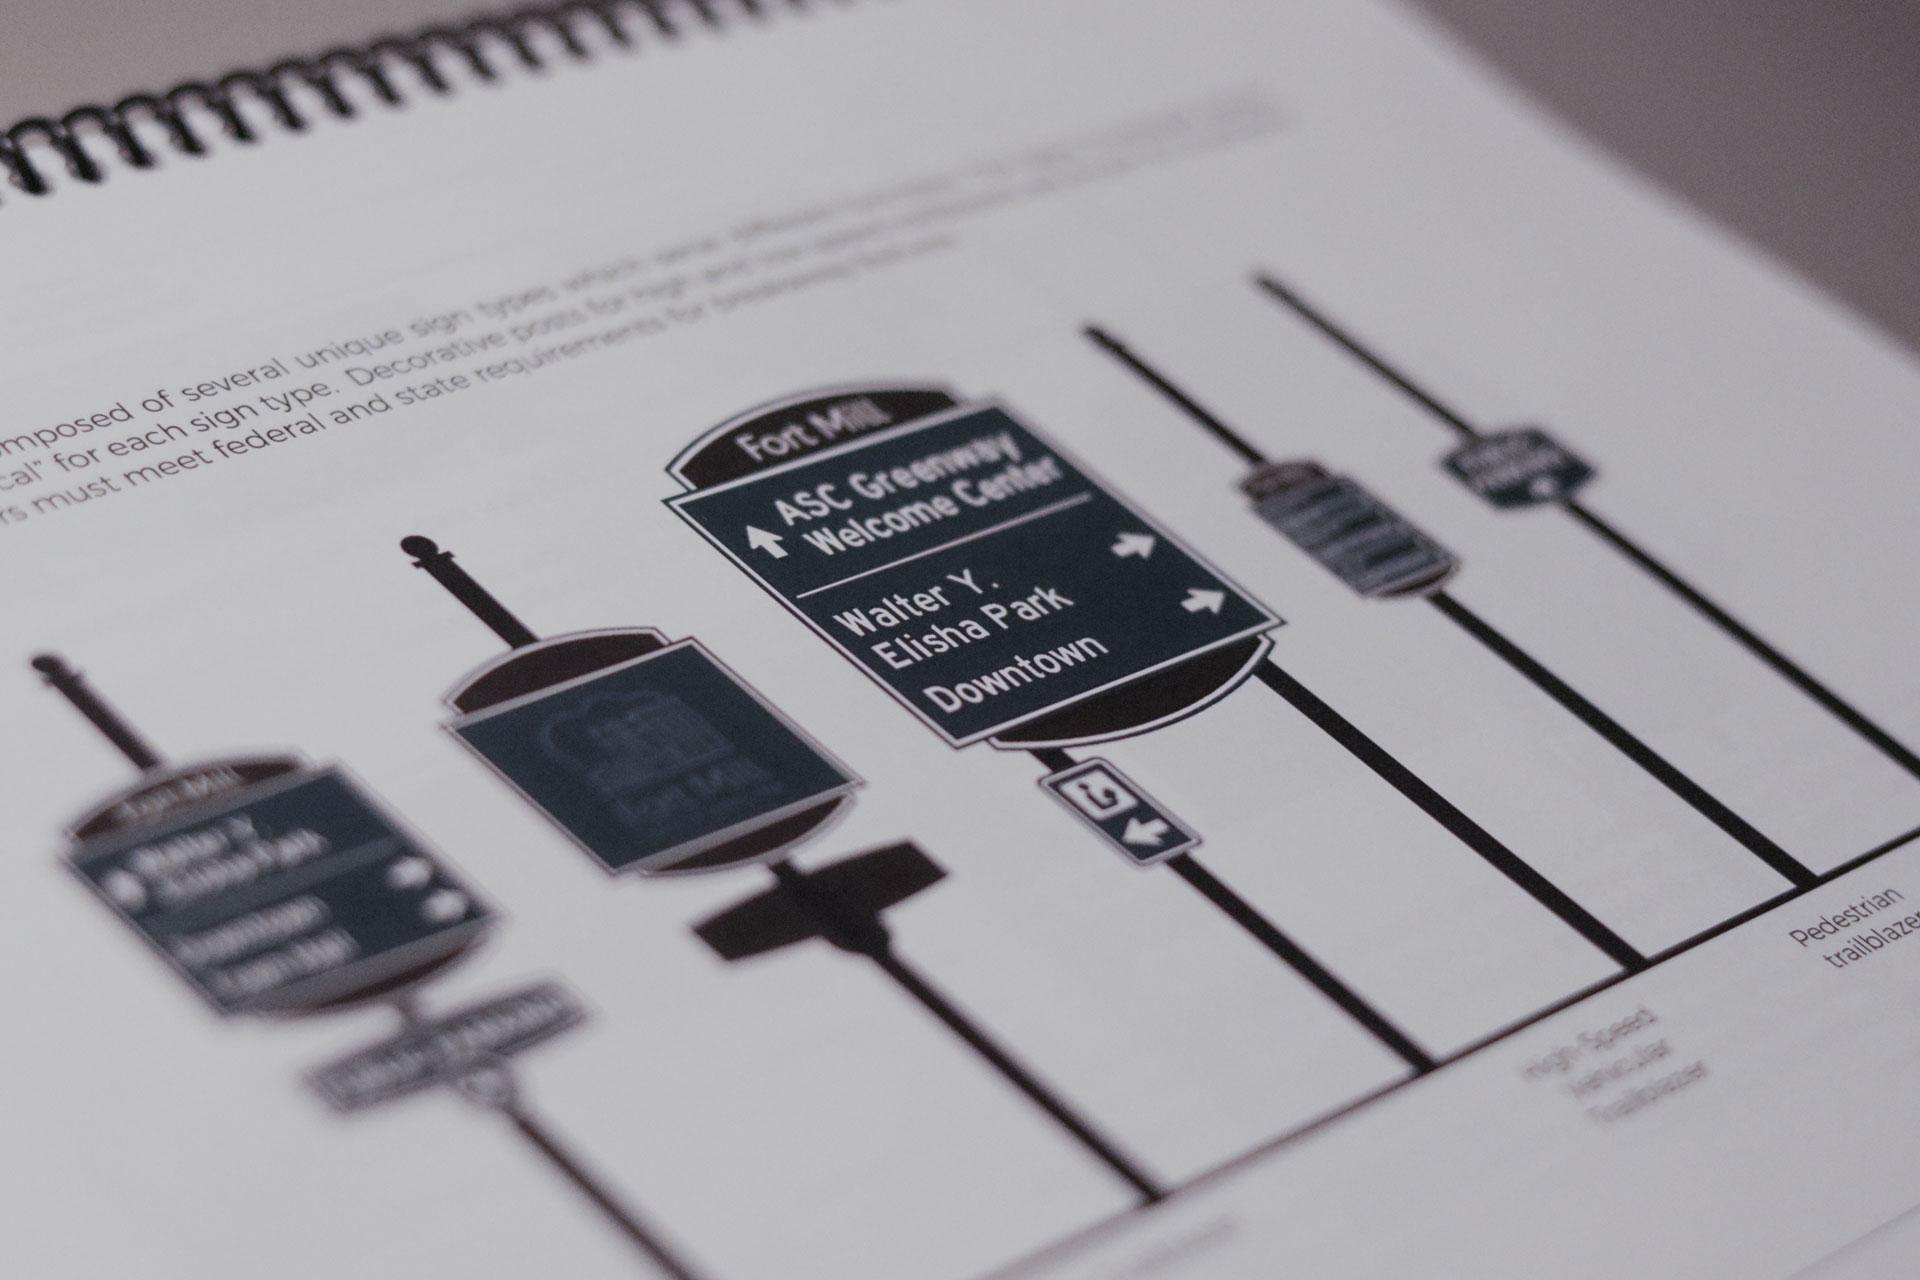 Wayfinder Signage System